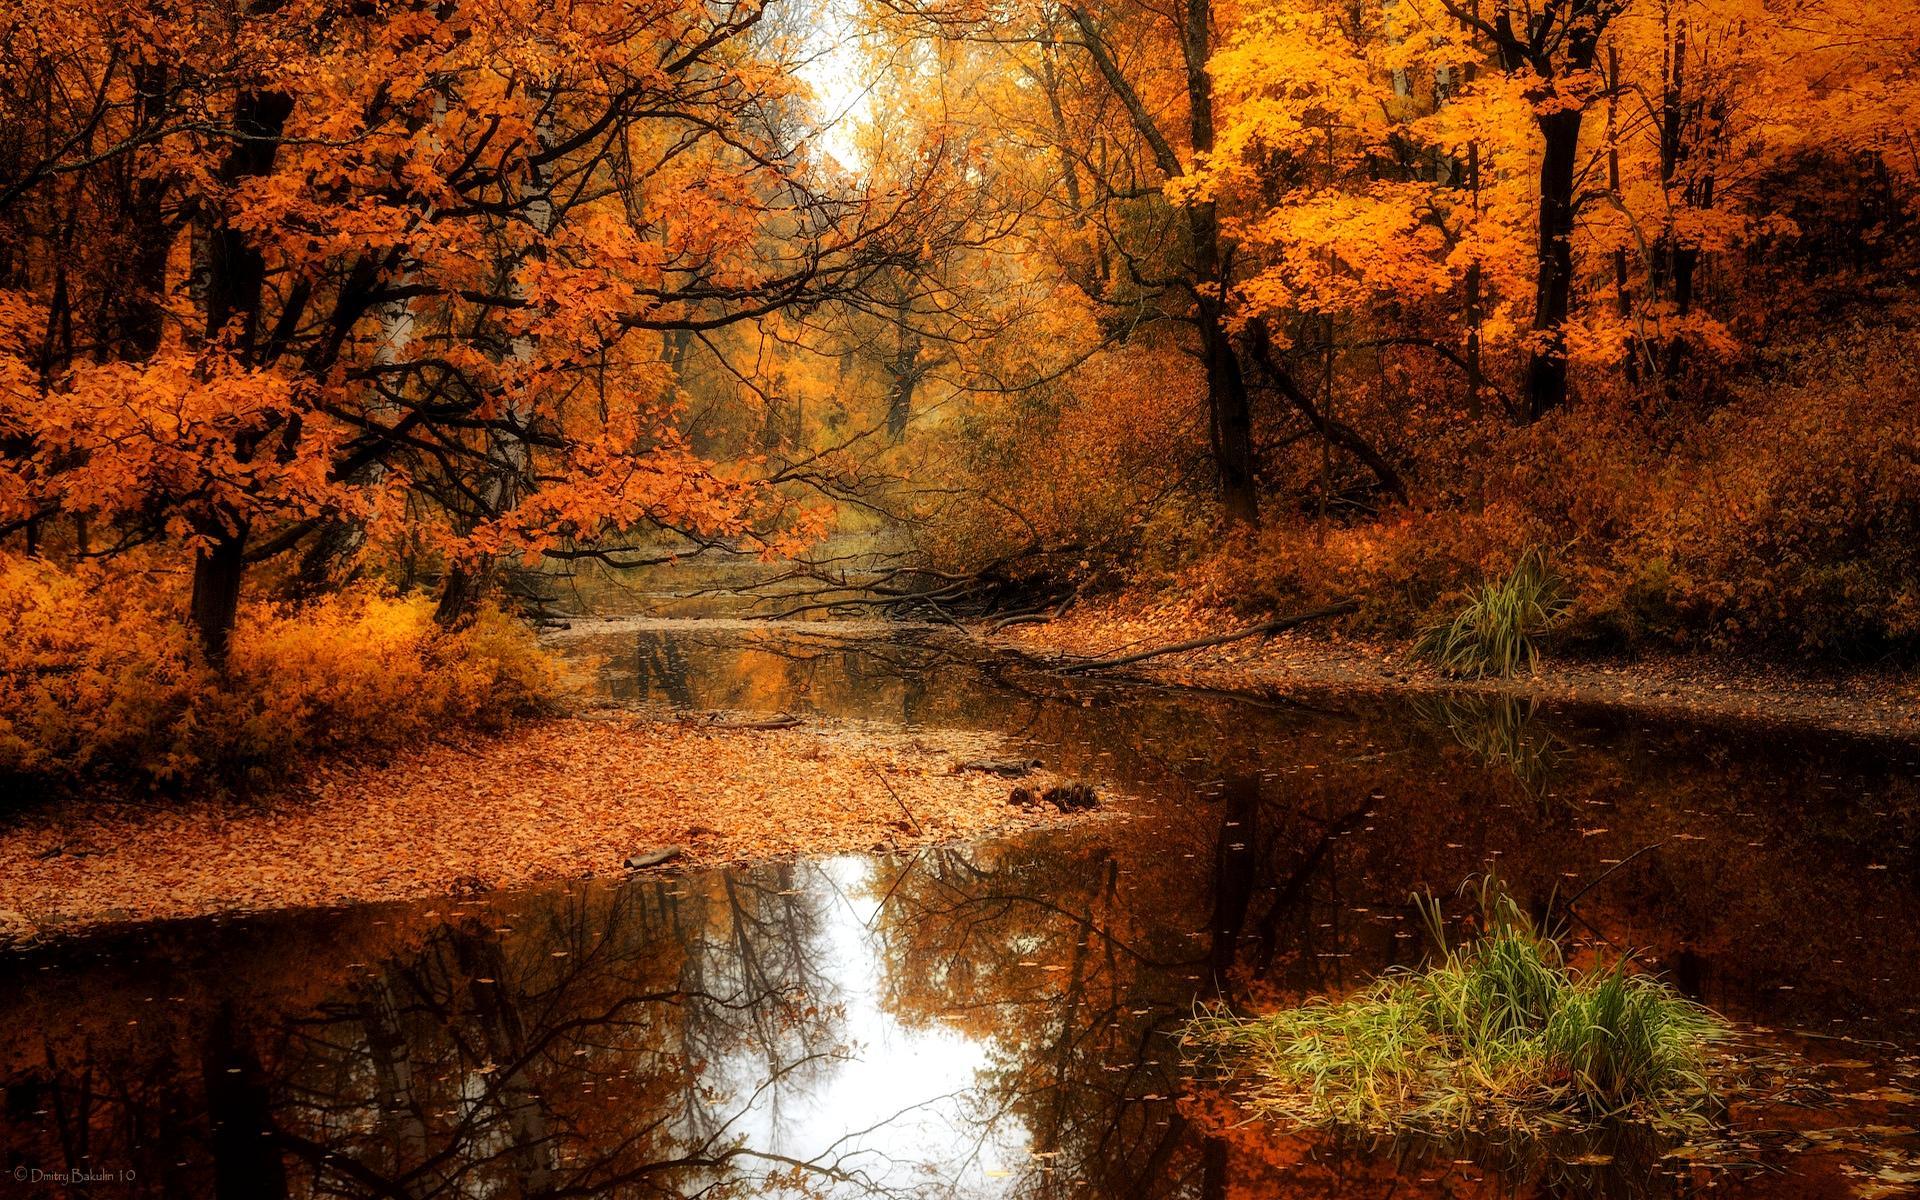 Autumn Forest Desktop Wallpaper - WallpaperSafari